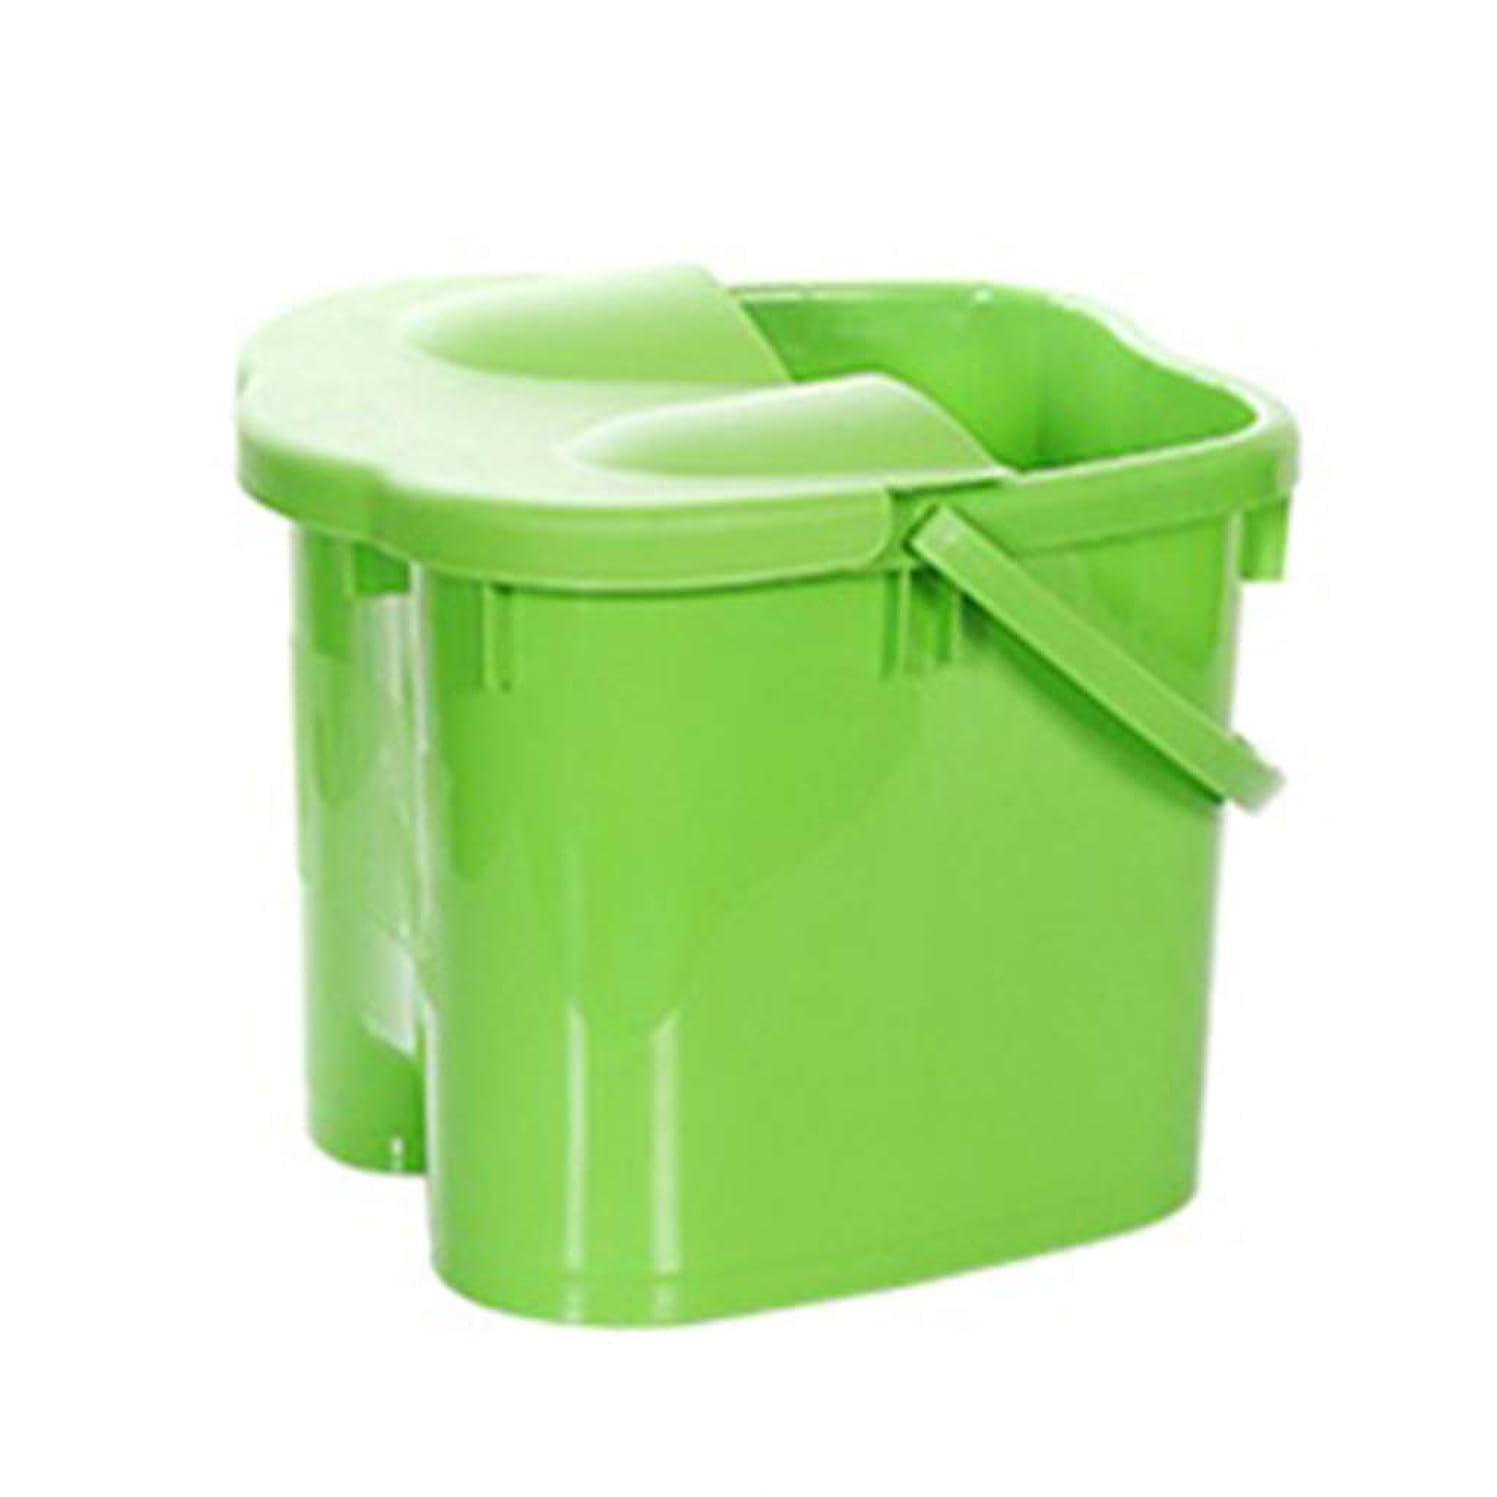 ベッド深さパキスタンフットバスバレル- 高さフットバスバレルマッサージ浴槽ふた付きポータブル世帯大人の足洗面台ペディキュアデトックス Relax foot (色 : Green, サイズ さいず : Height 38cm)